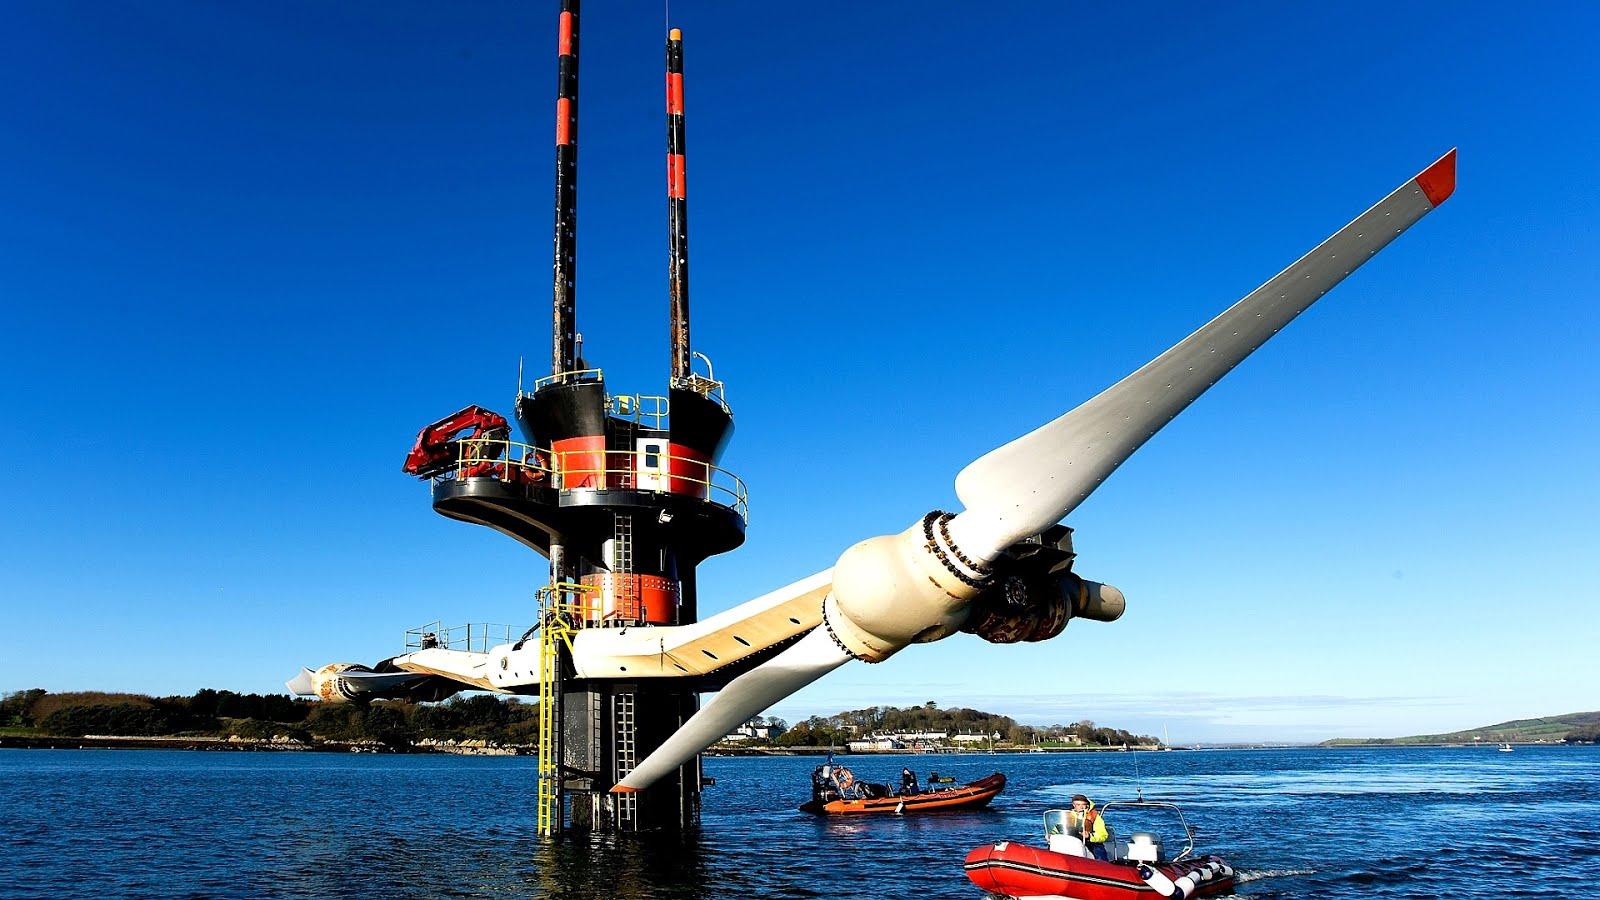 Is Tidal Energy Renewable Or Nonrenewable